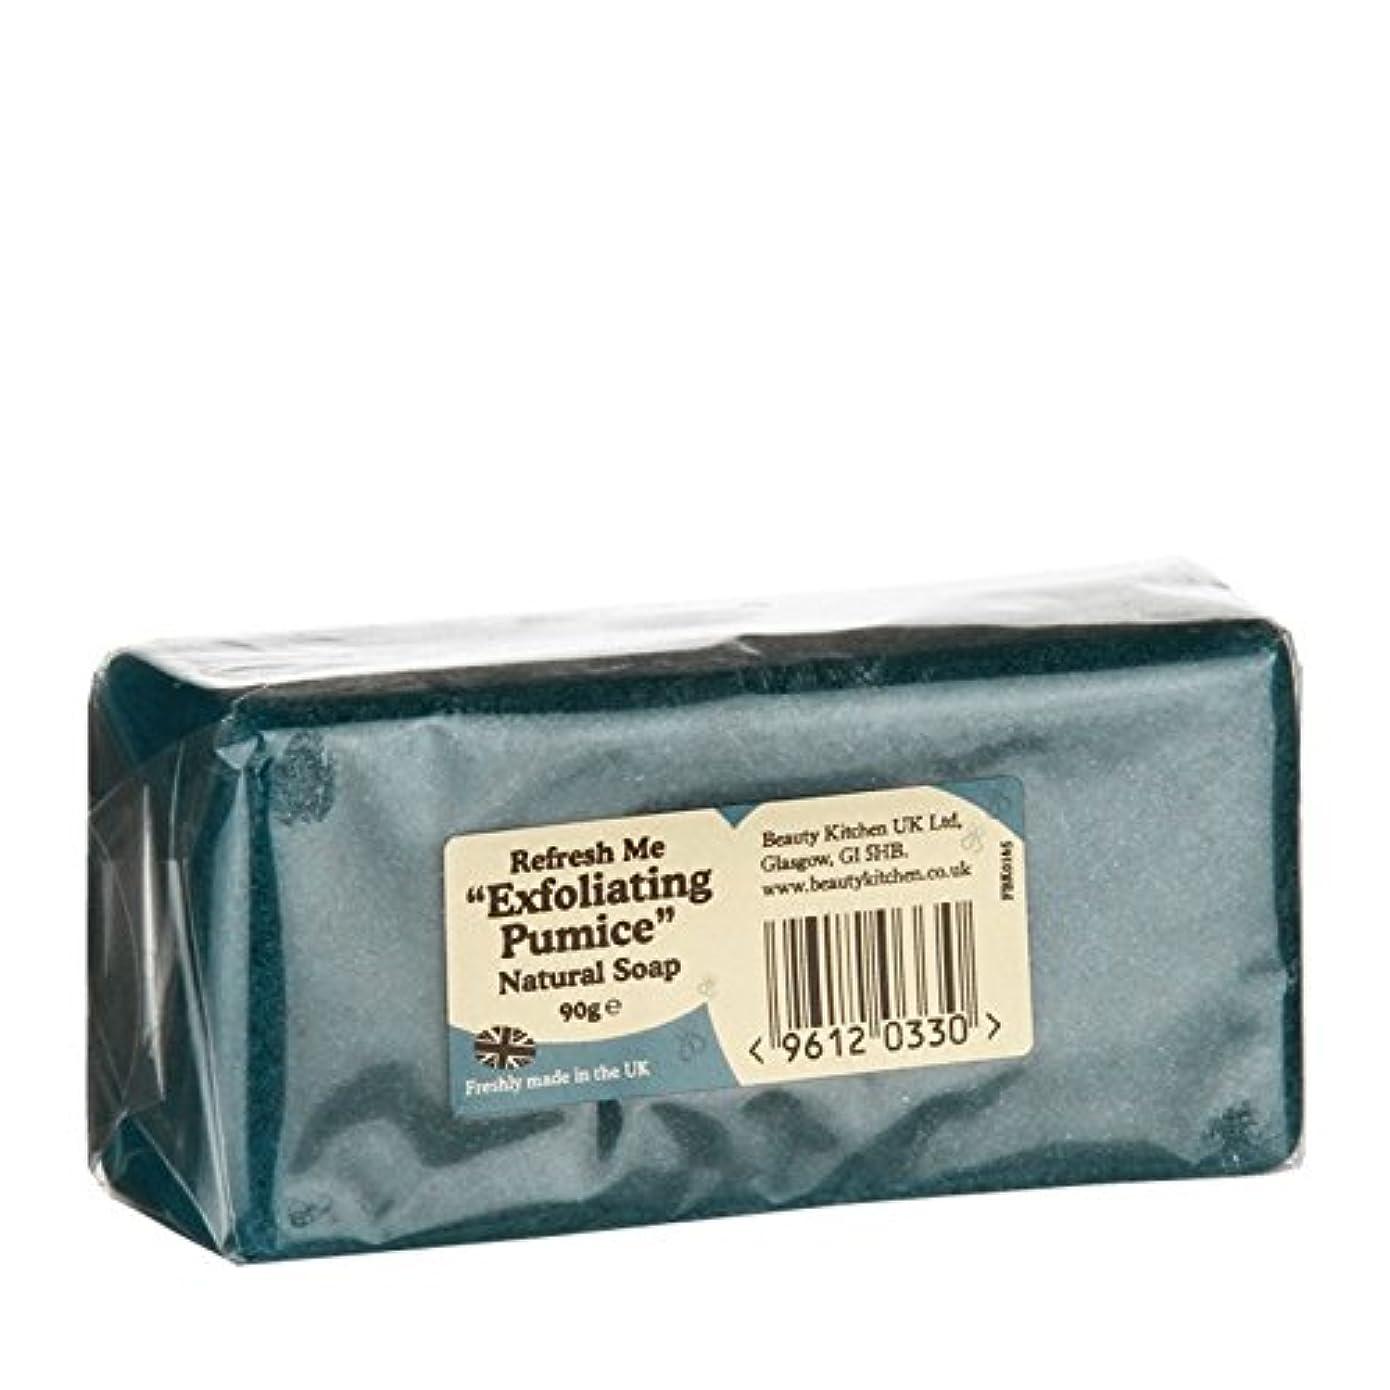 感謝するかける接辞美しさのキッチンは、軽石の天然石鹸90グラムを剥離私をリフレッシュ - Beauty Kitchen Refresh Me Exfoliating Pumice Natural Soap 90g (Beauty Kitchen...